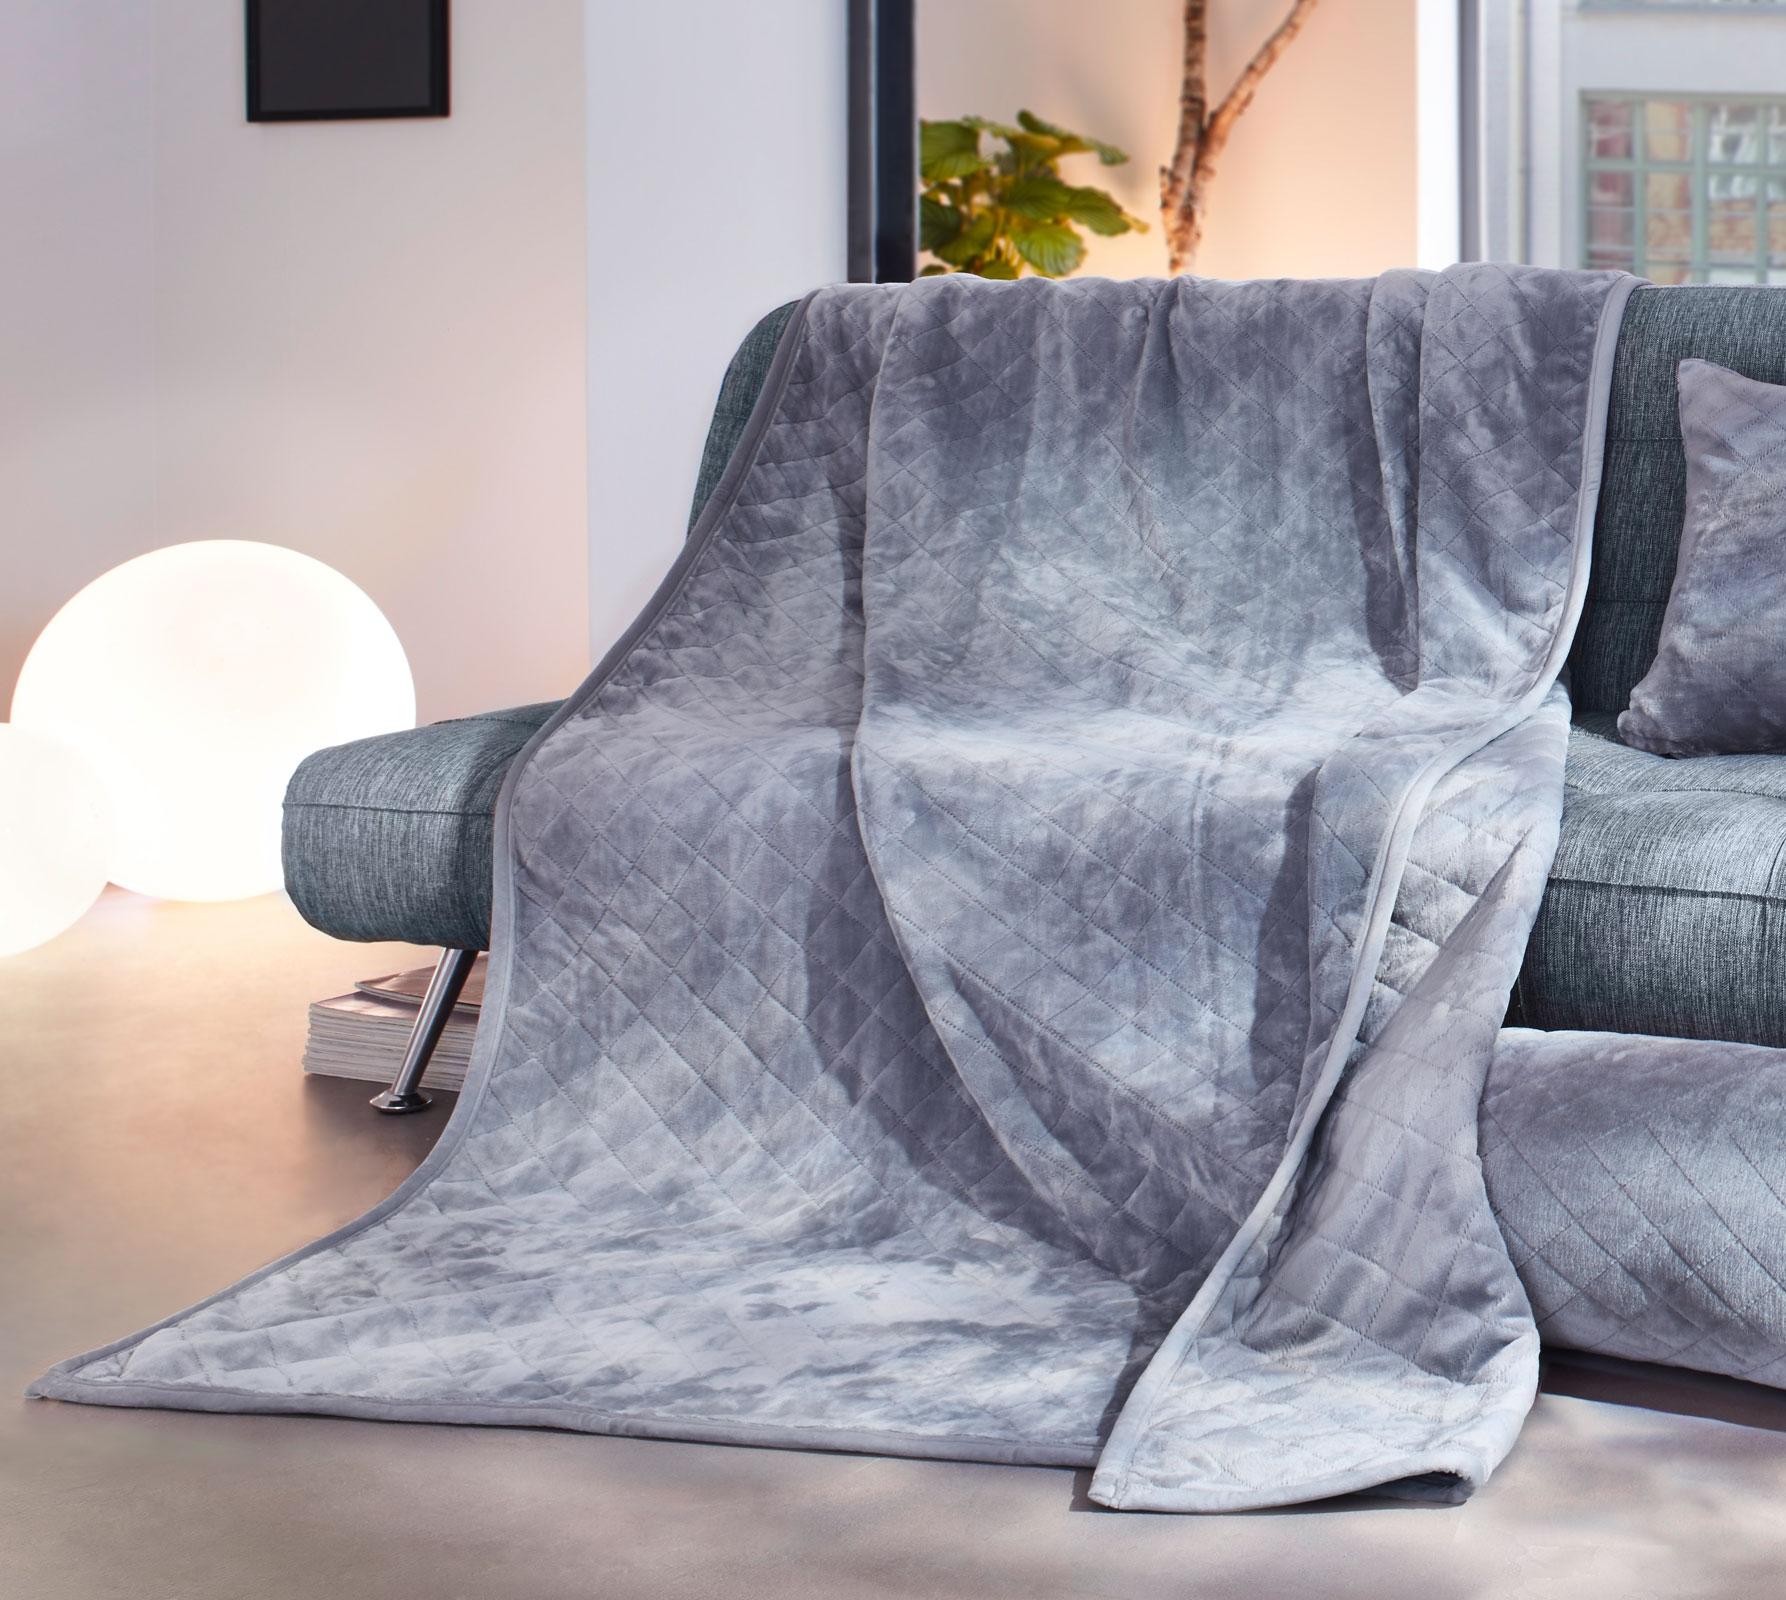 Wohndecken und Kissen - Gözze Wohndecke gesteppt 150x200 silber Duftset  - Onlineshop PremiumShop321